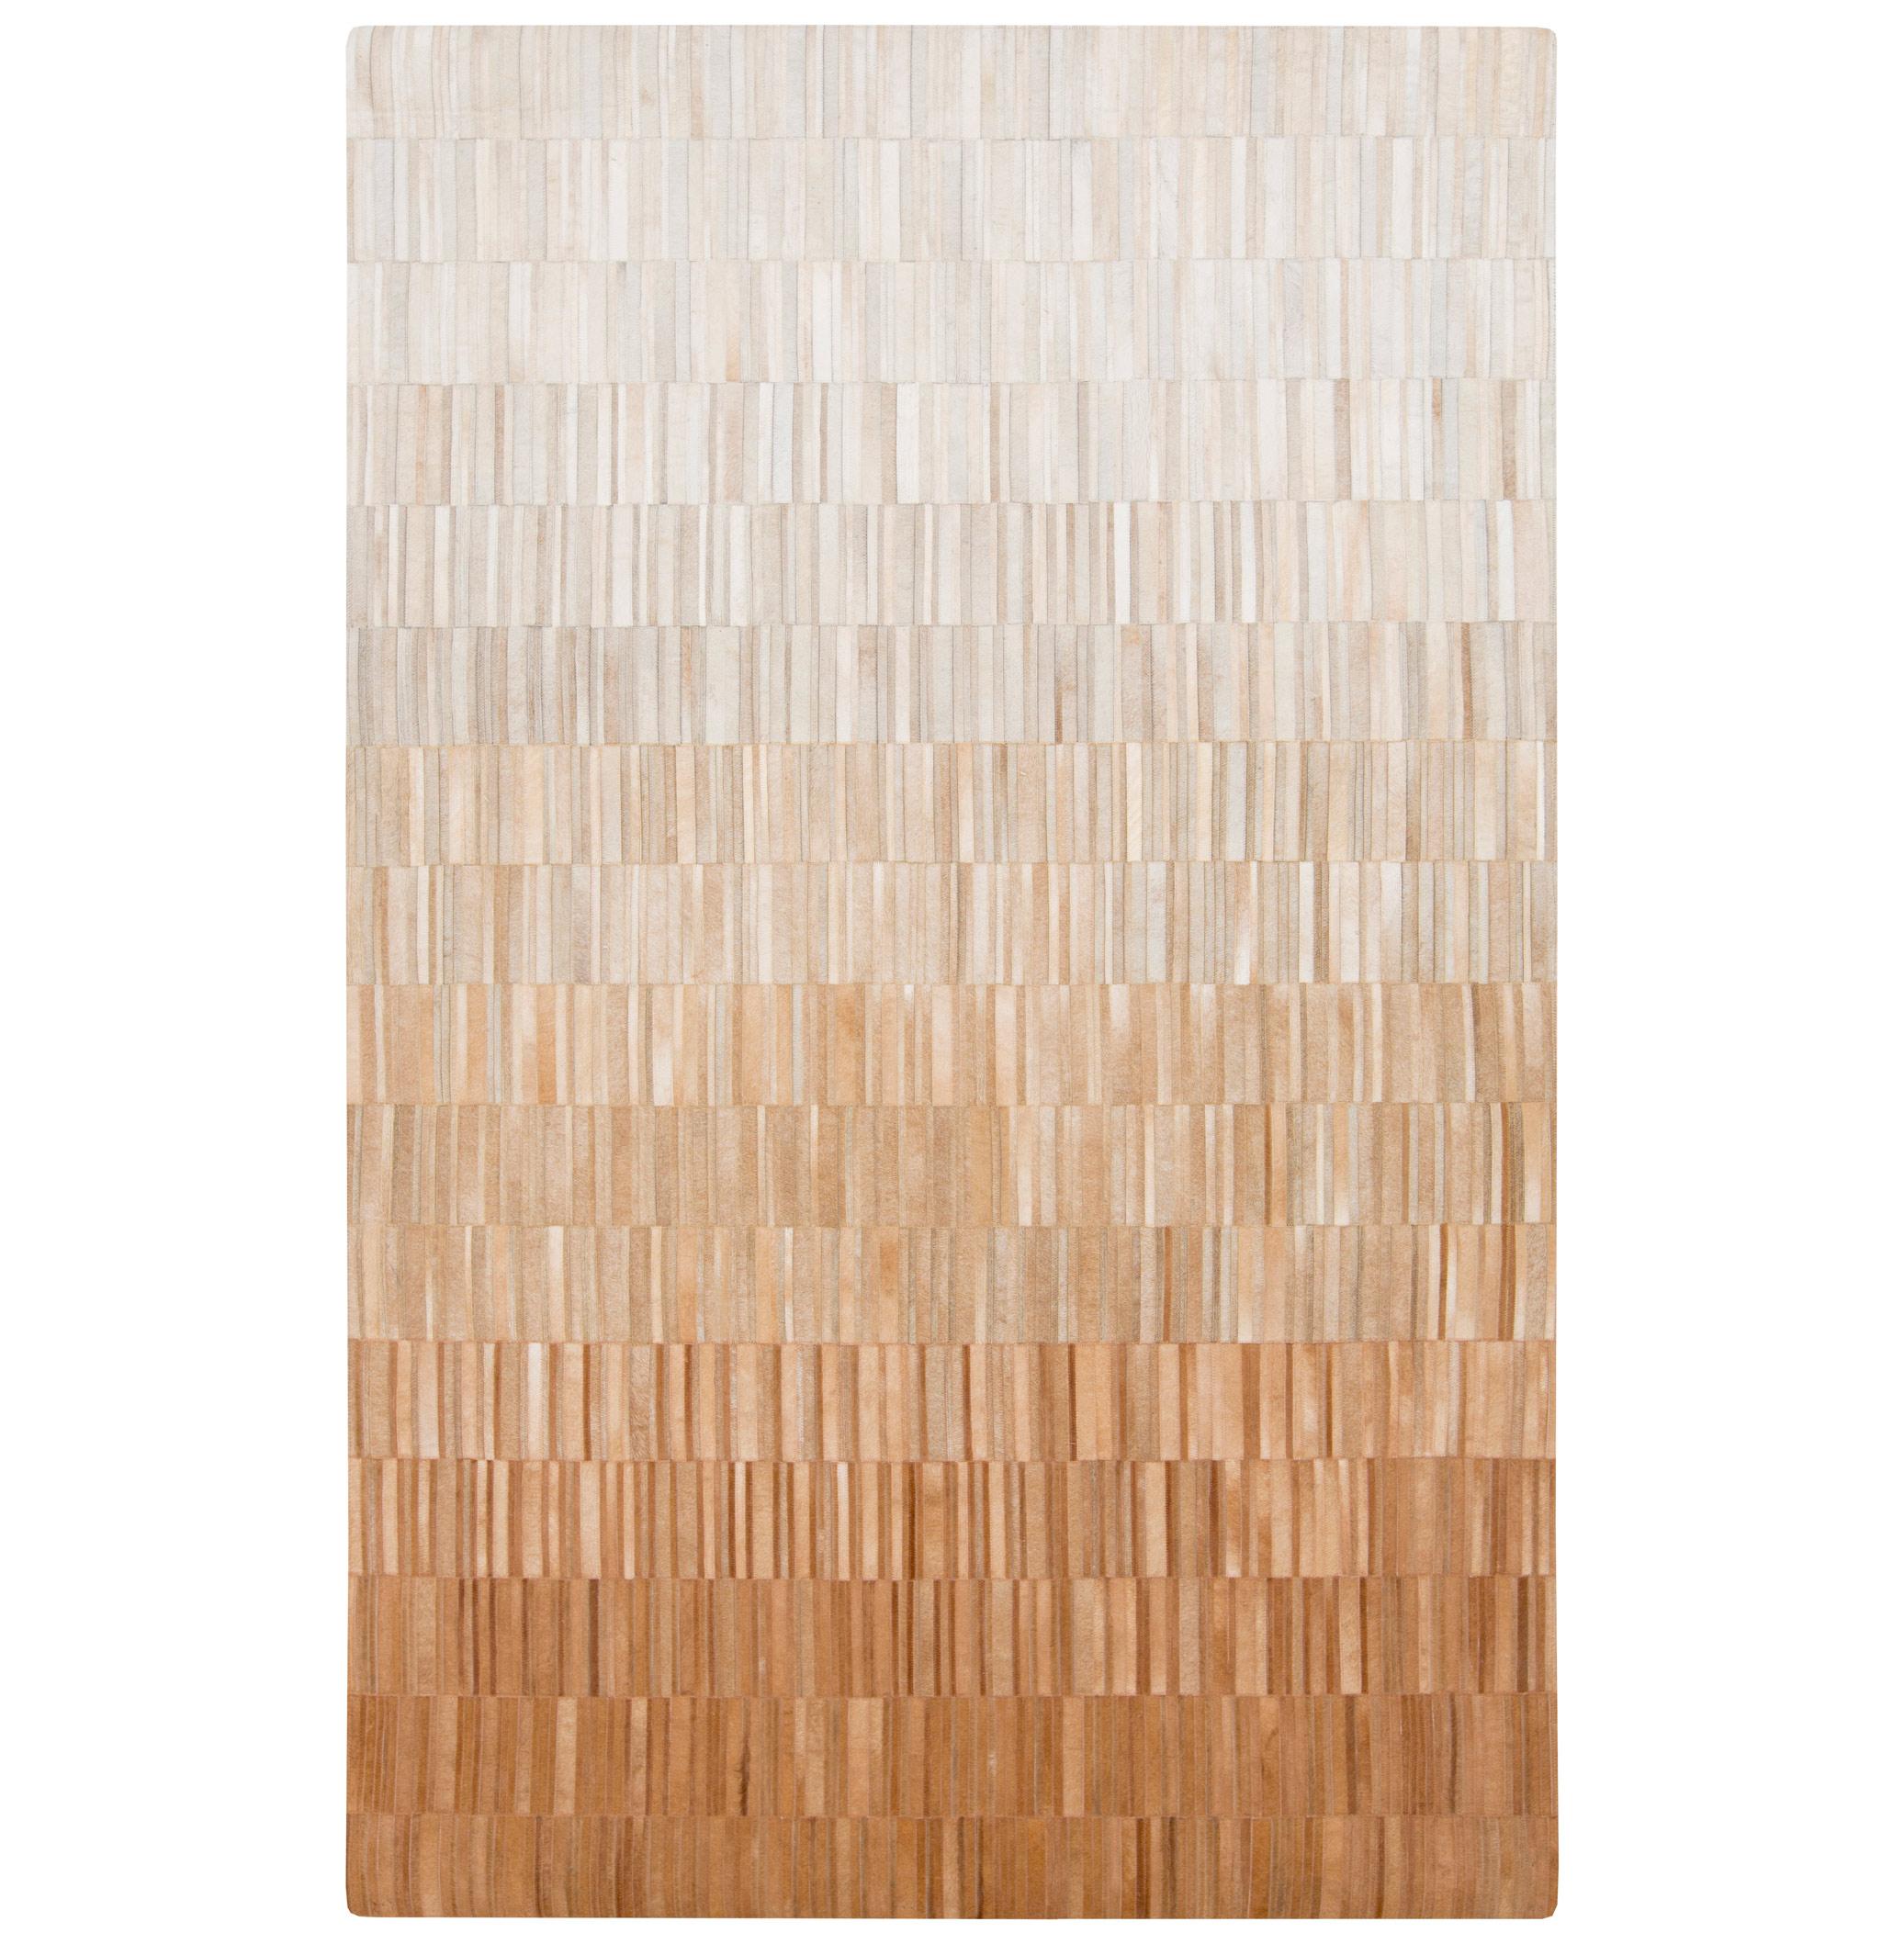 Resham Global Bazaar Vertical Tile Brown Ivory Ombre Cowhide Rug - 8x10